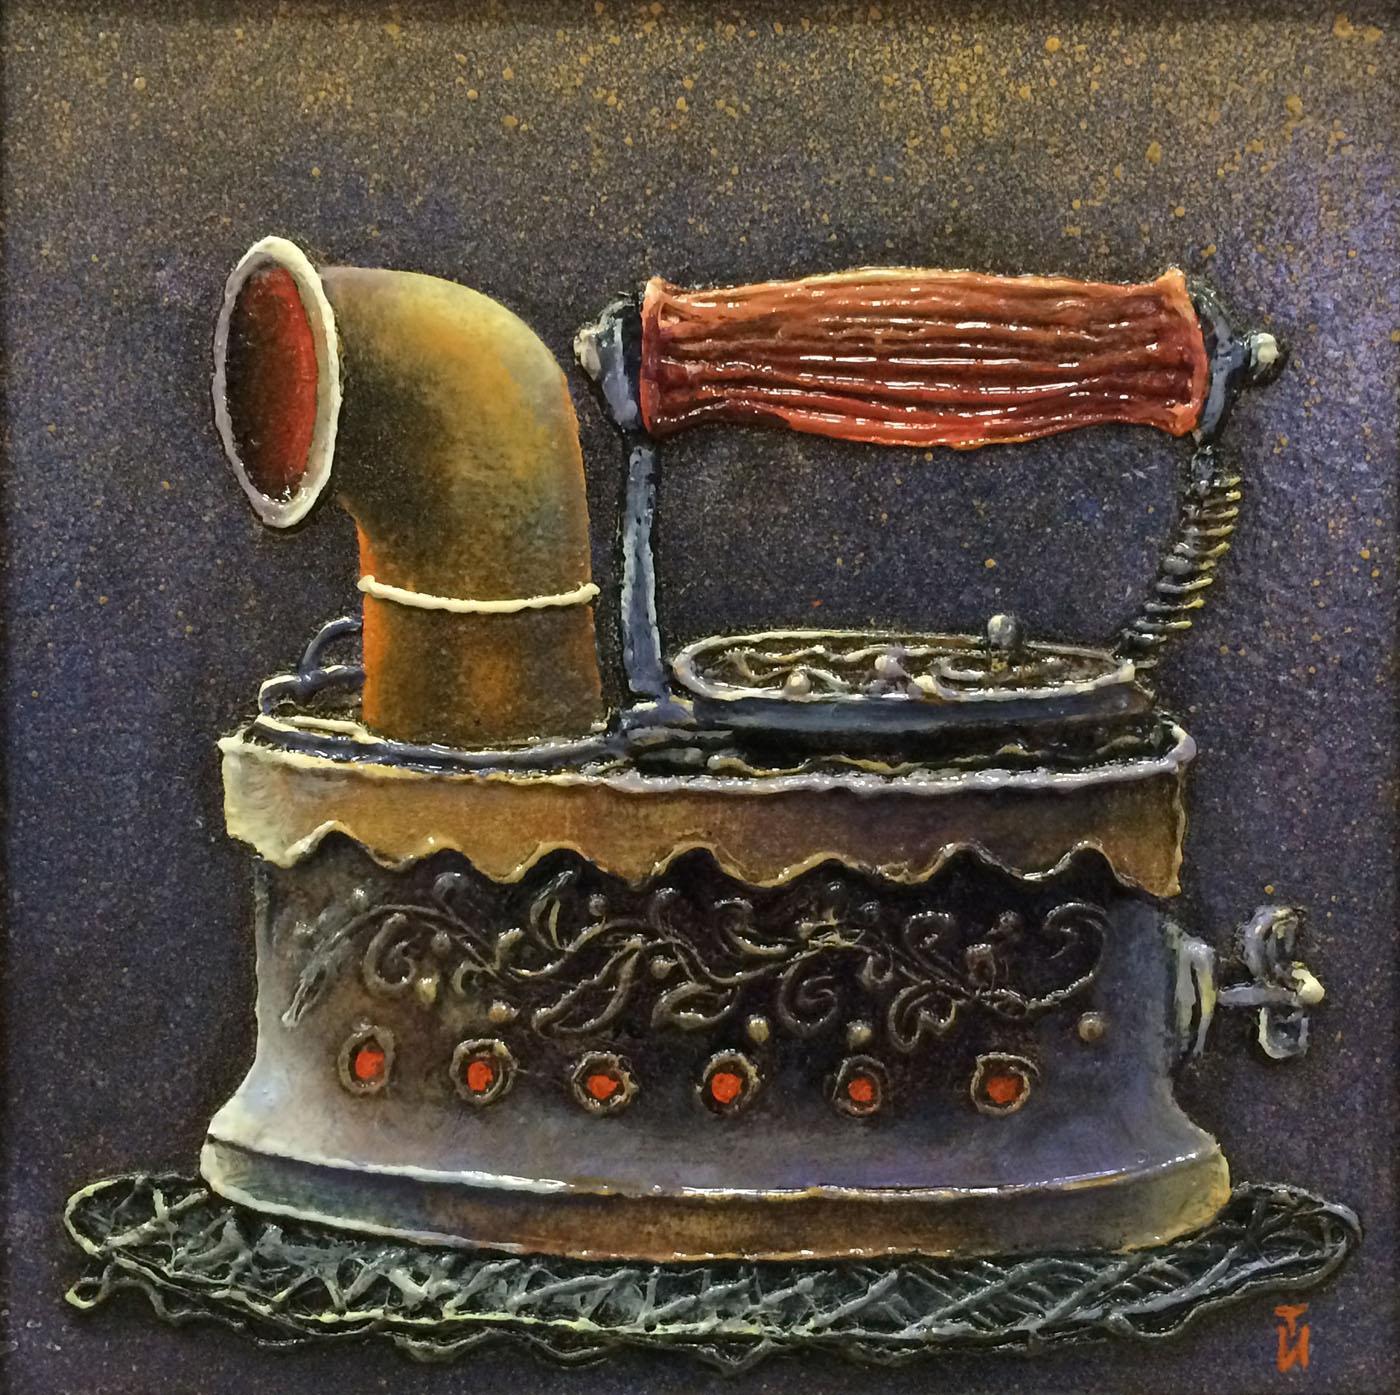 очень старинный утюг паровоз фото монтажа бесшовных текстильных